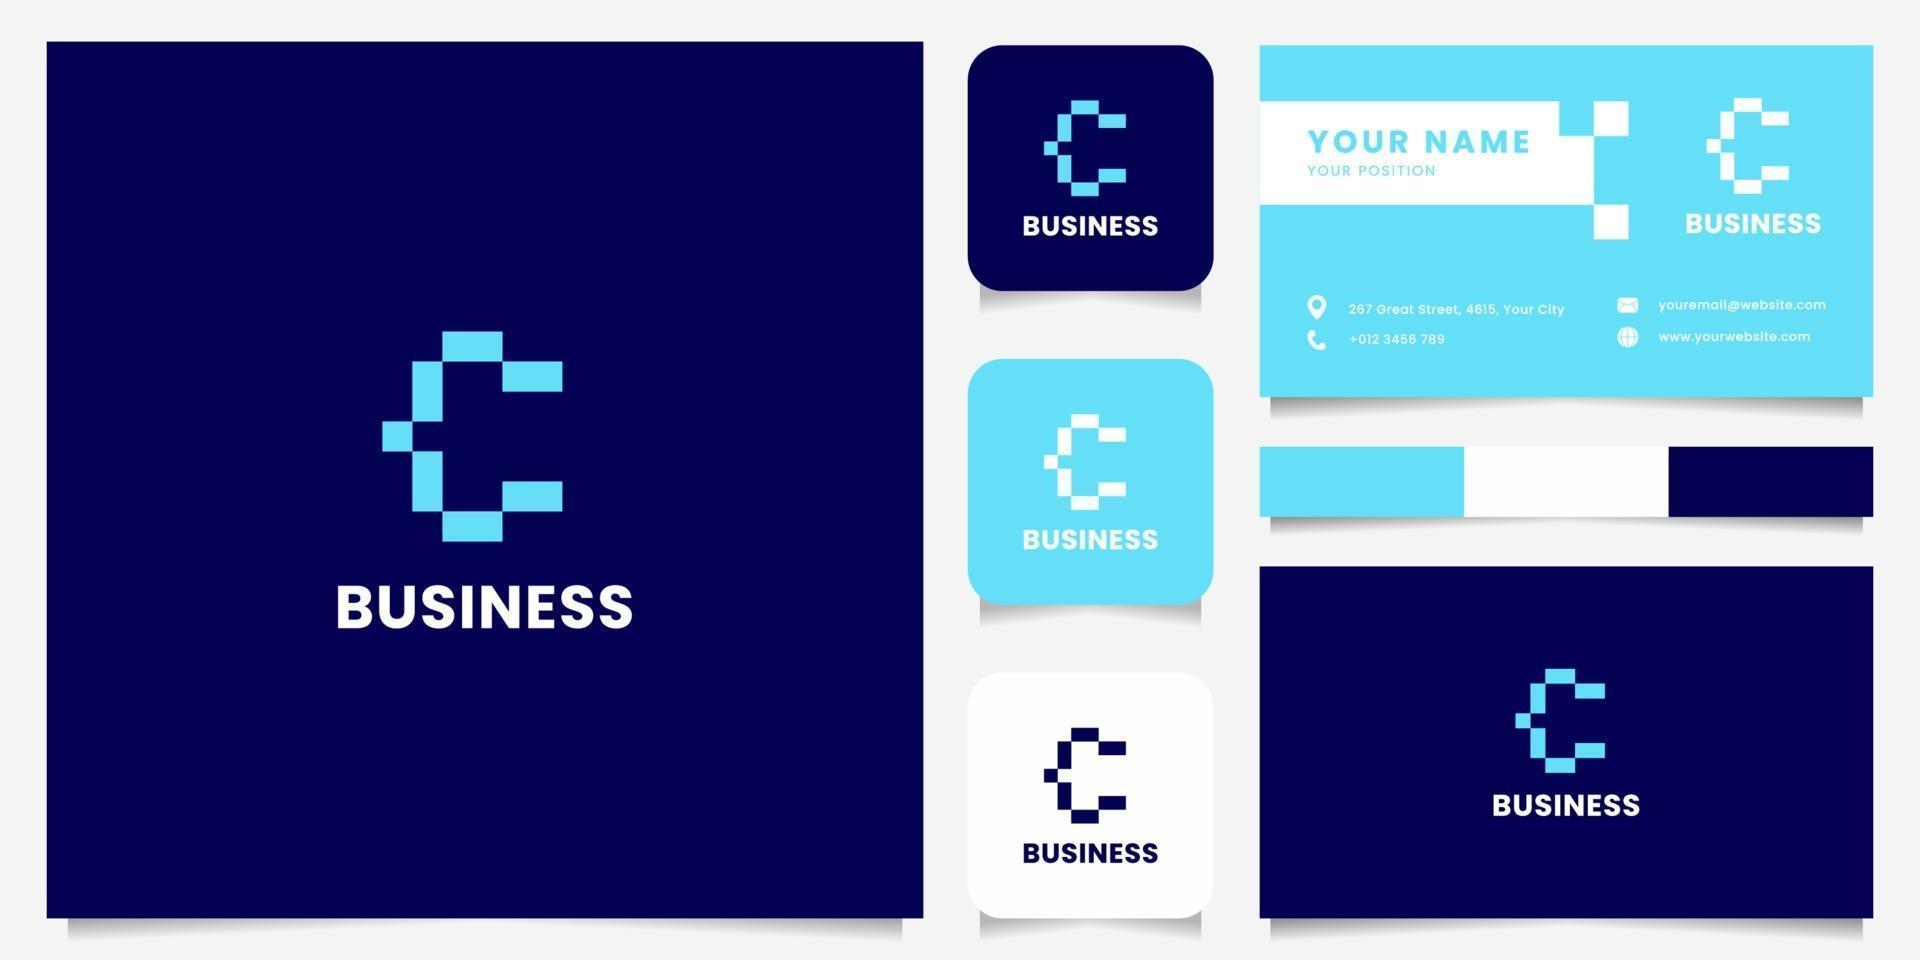 eenvoudig en minimalistisch blauw pixel letter c-logo met sjabloon voor visitekaartjes vector